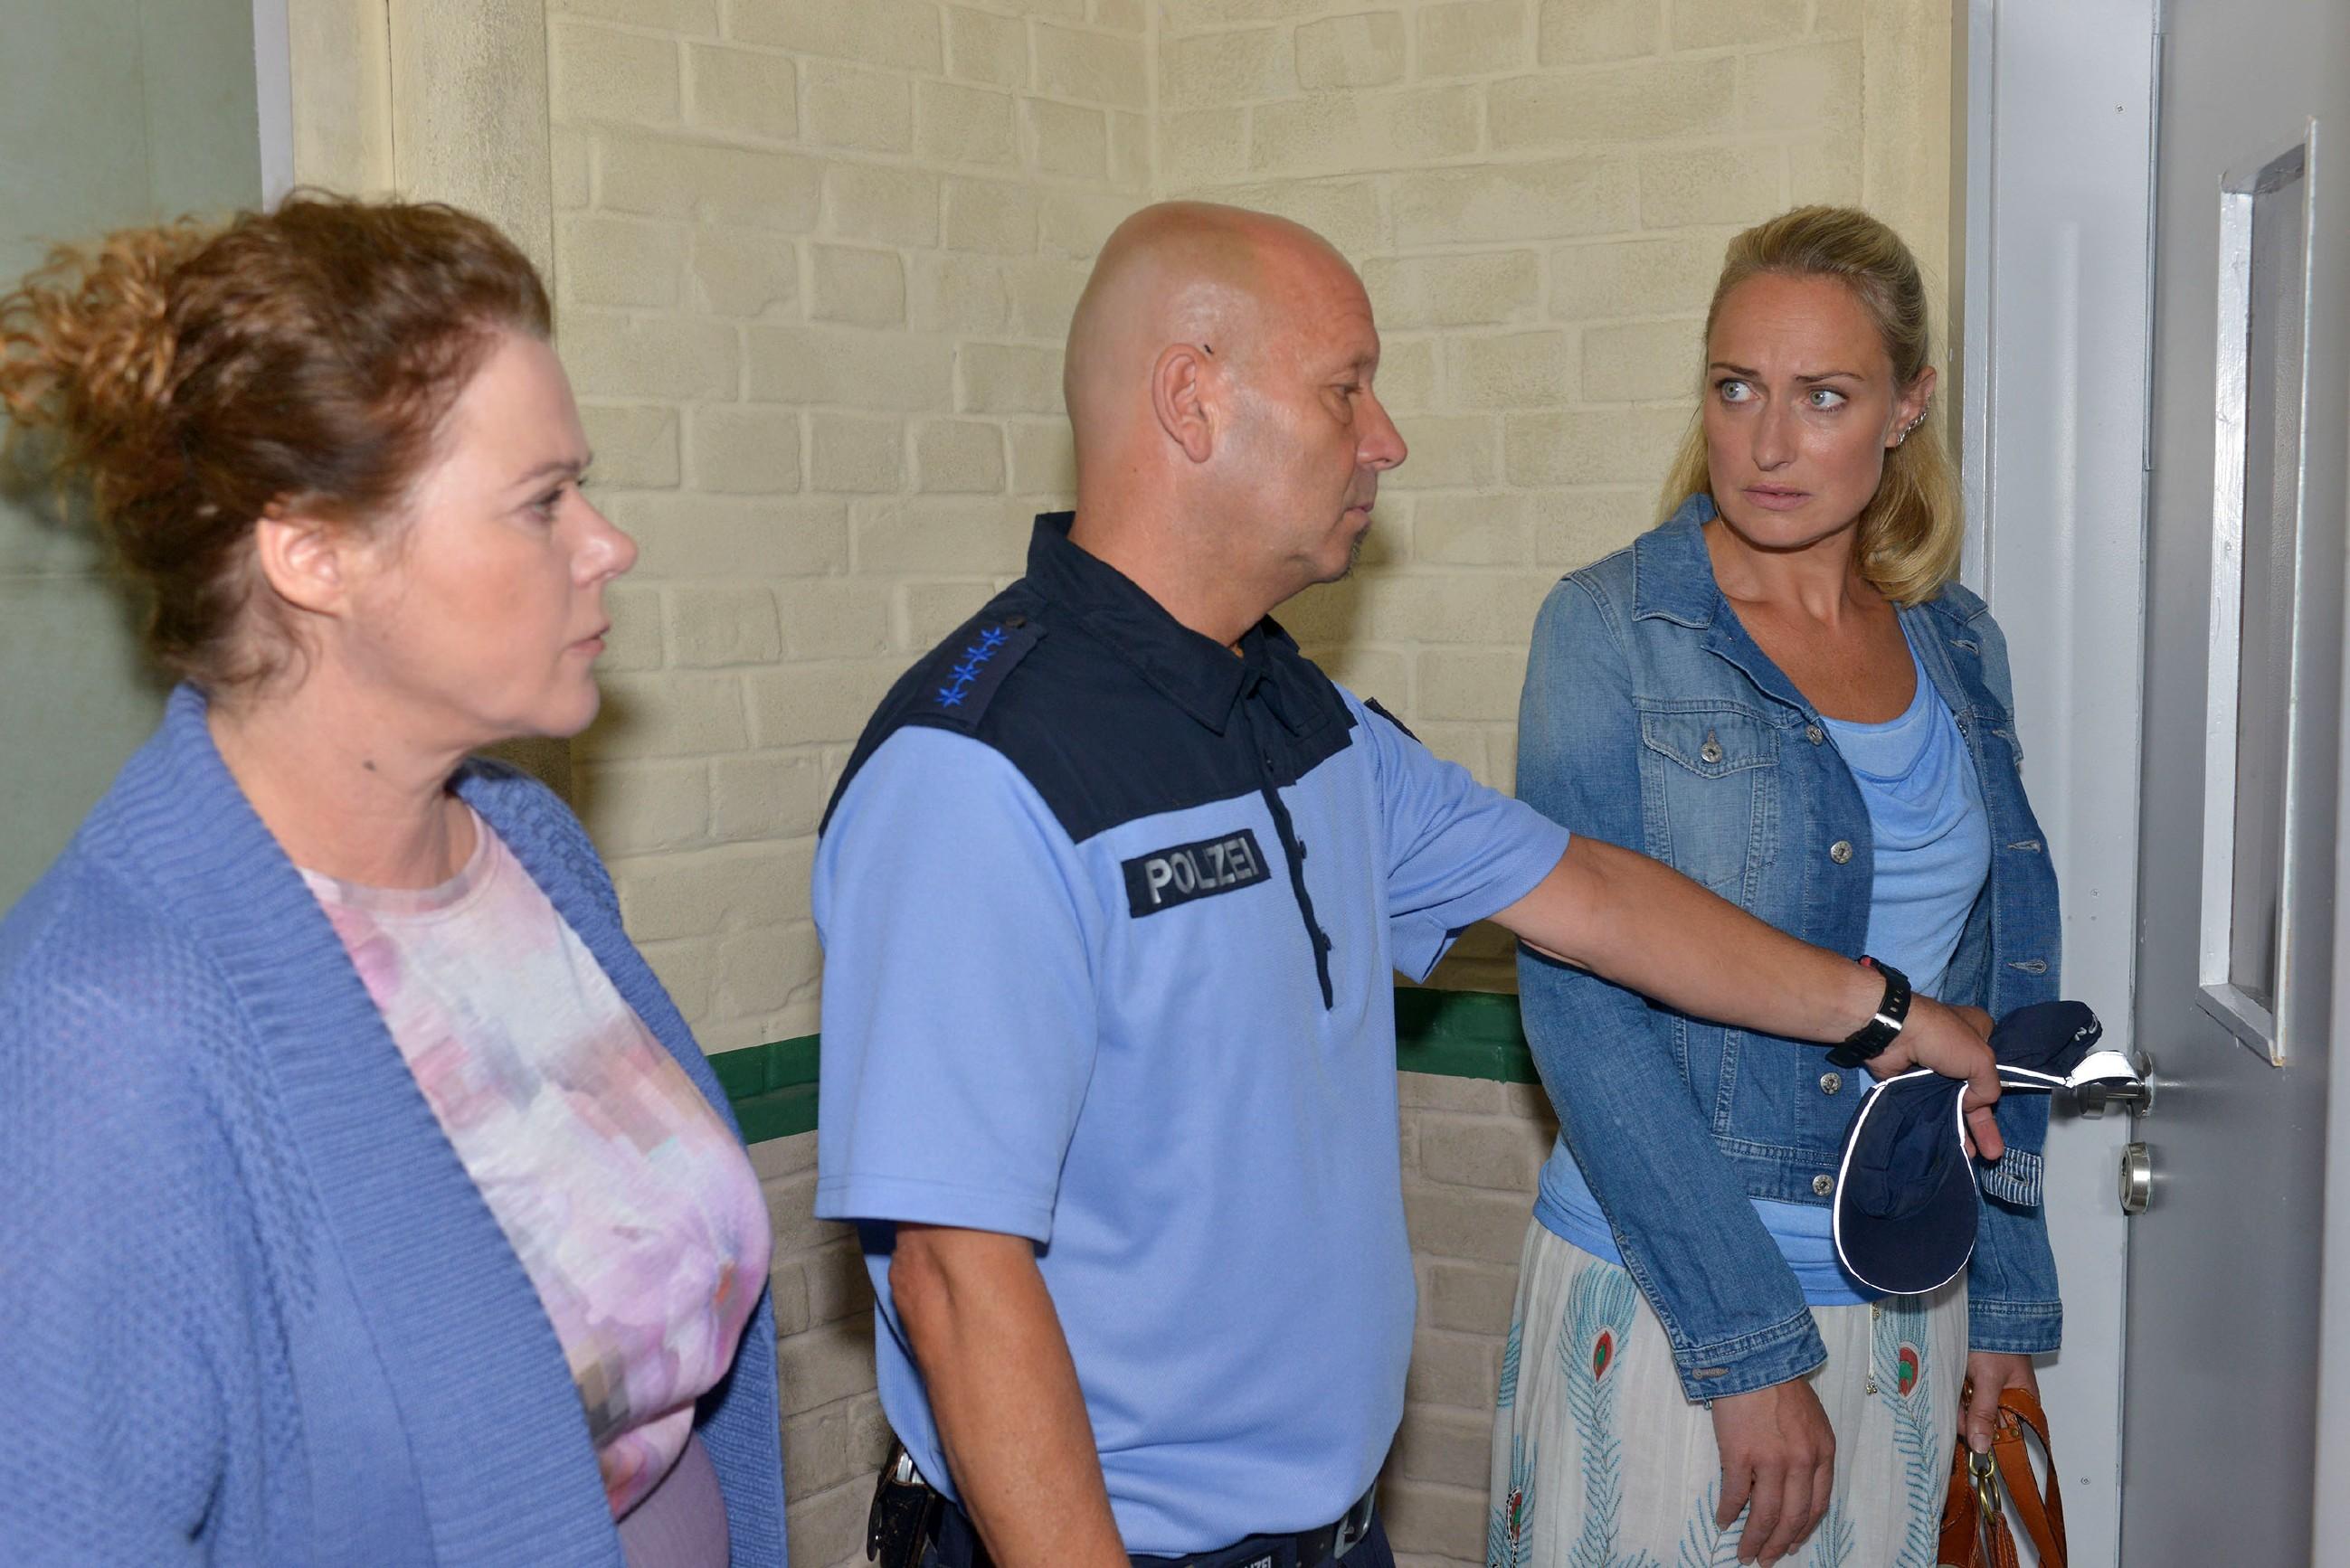 In Begleitung eines Polizisten (Komparse) appellieren Bärbel Butz (Verena Berger, l.) von der Ausländerbehörde und Maren (Eva Mona Rodekirchen) an Lilly, die Wohnungstür zu öffnen... (Quelle: © RTL / Rolf Baumgartner)